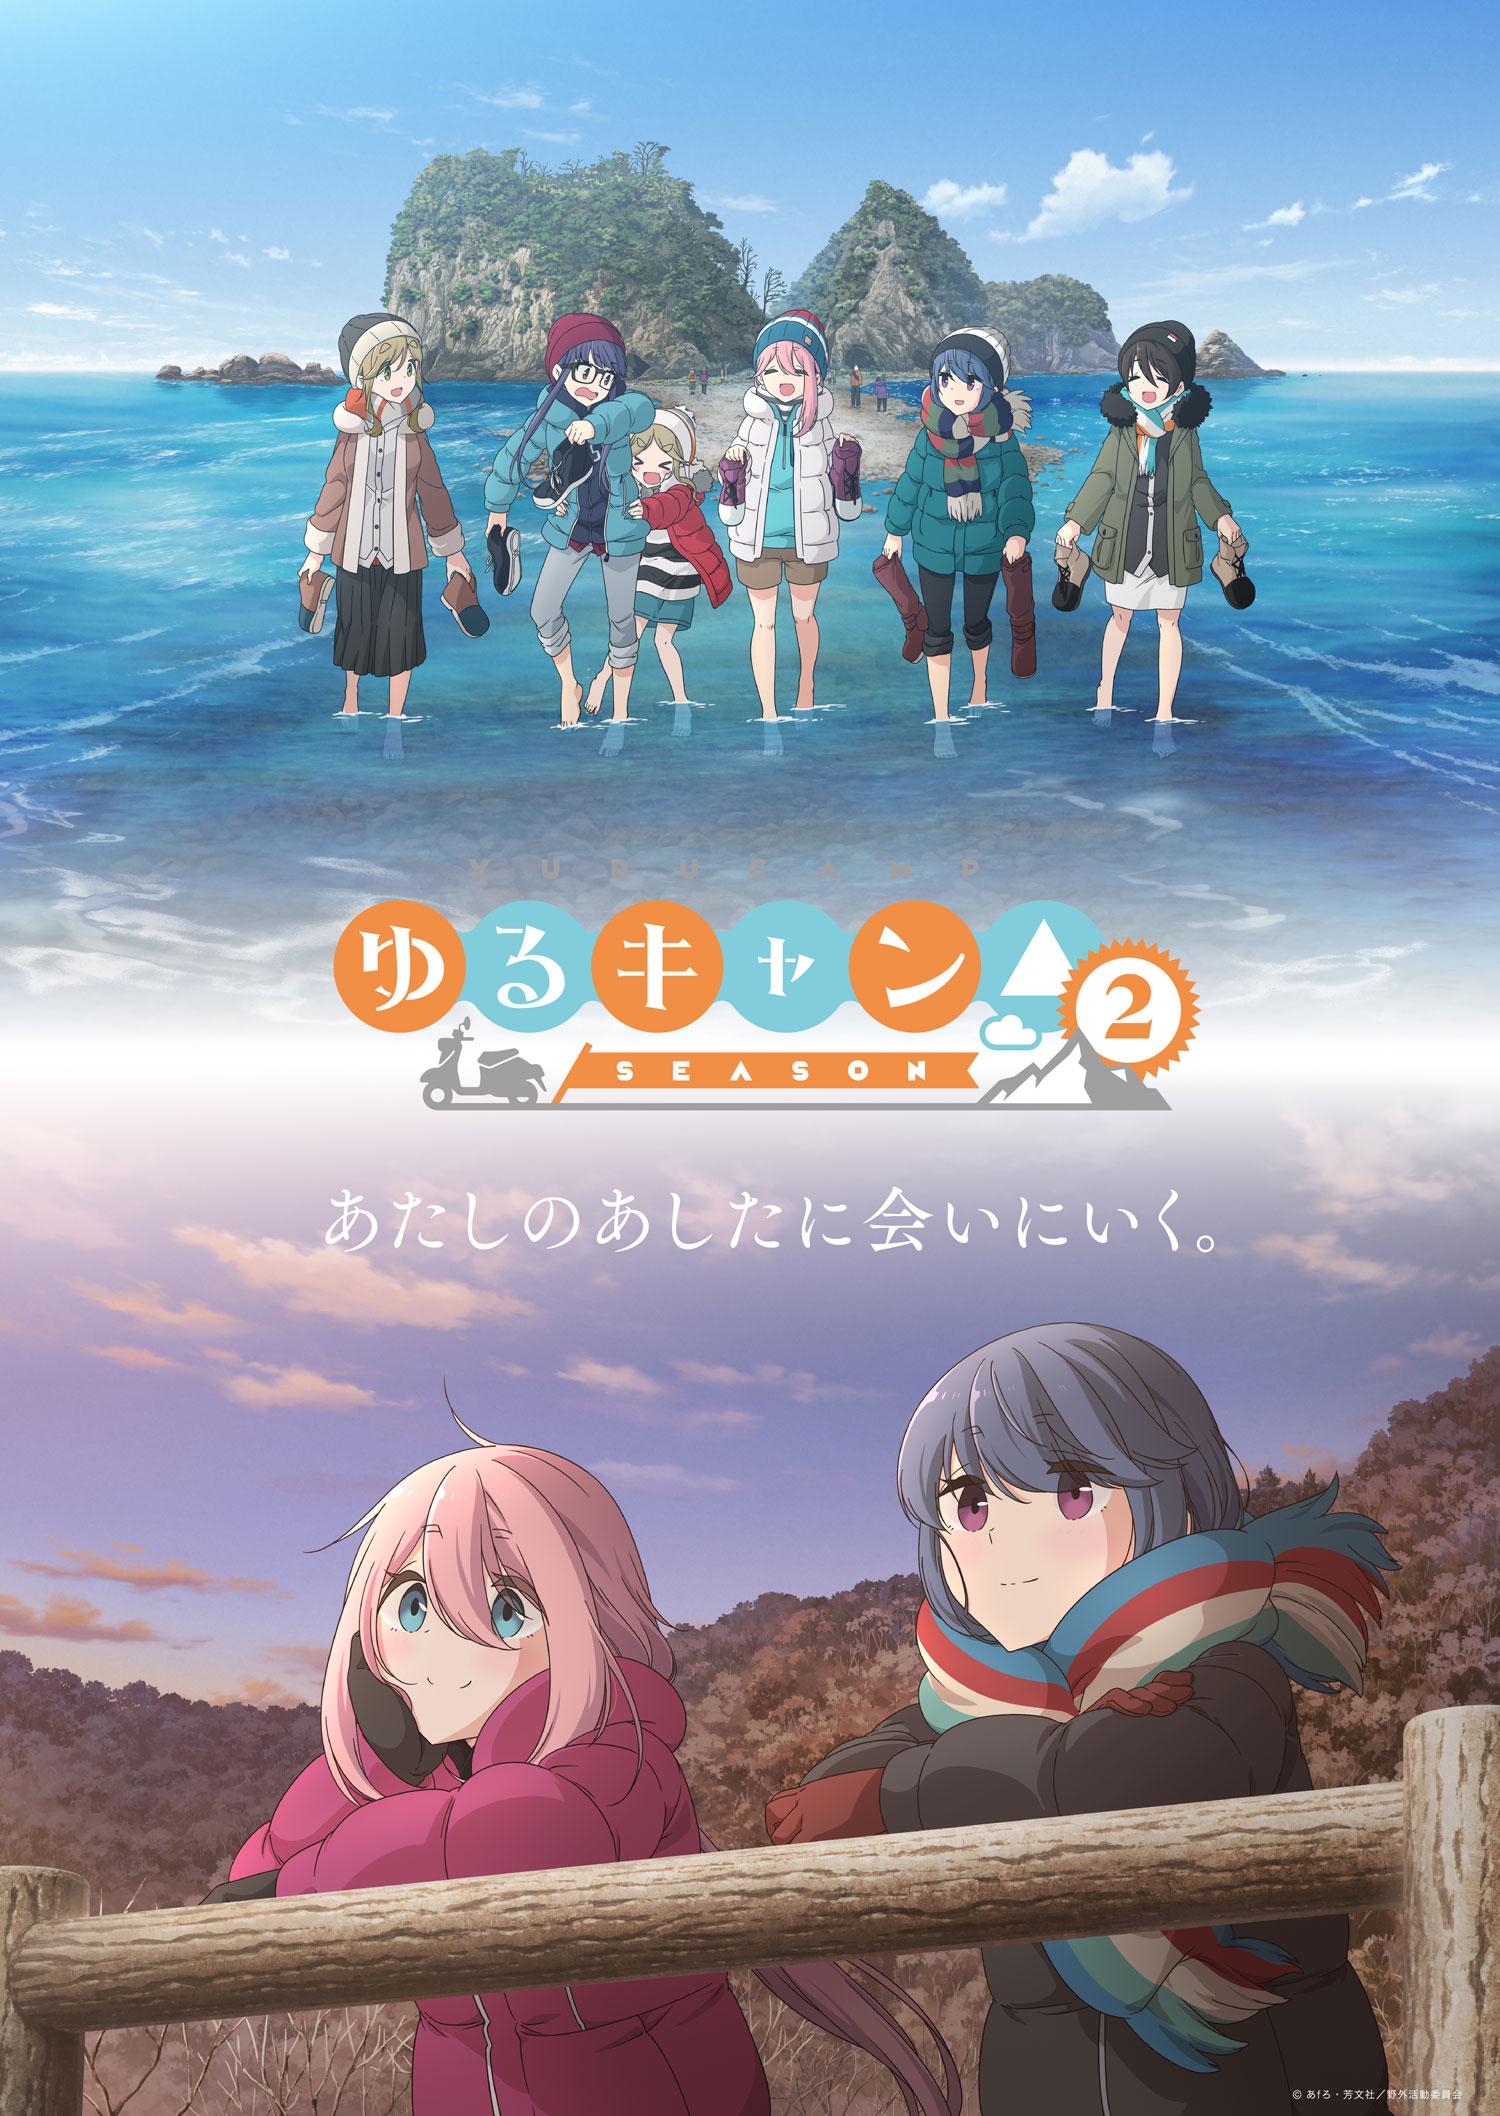 TV动画《摇曳露营》第2季明年1月7日开播